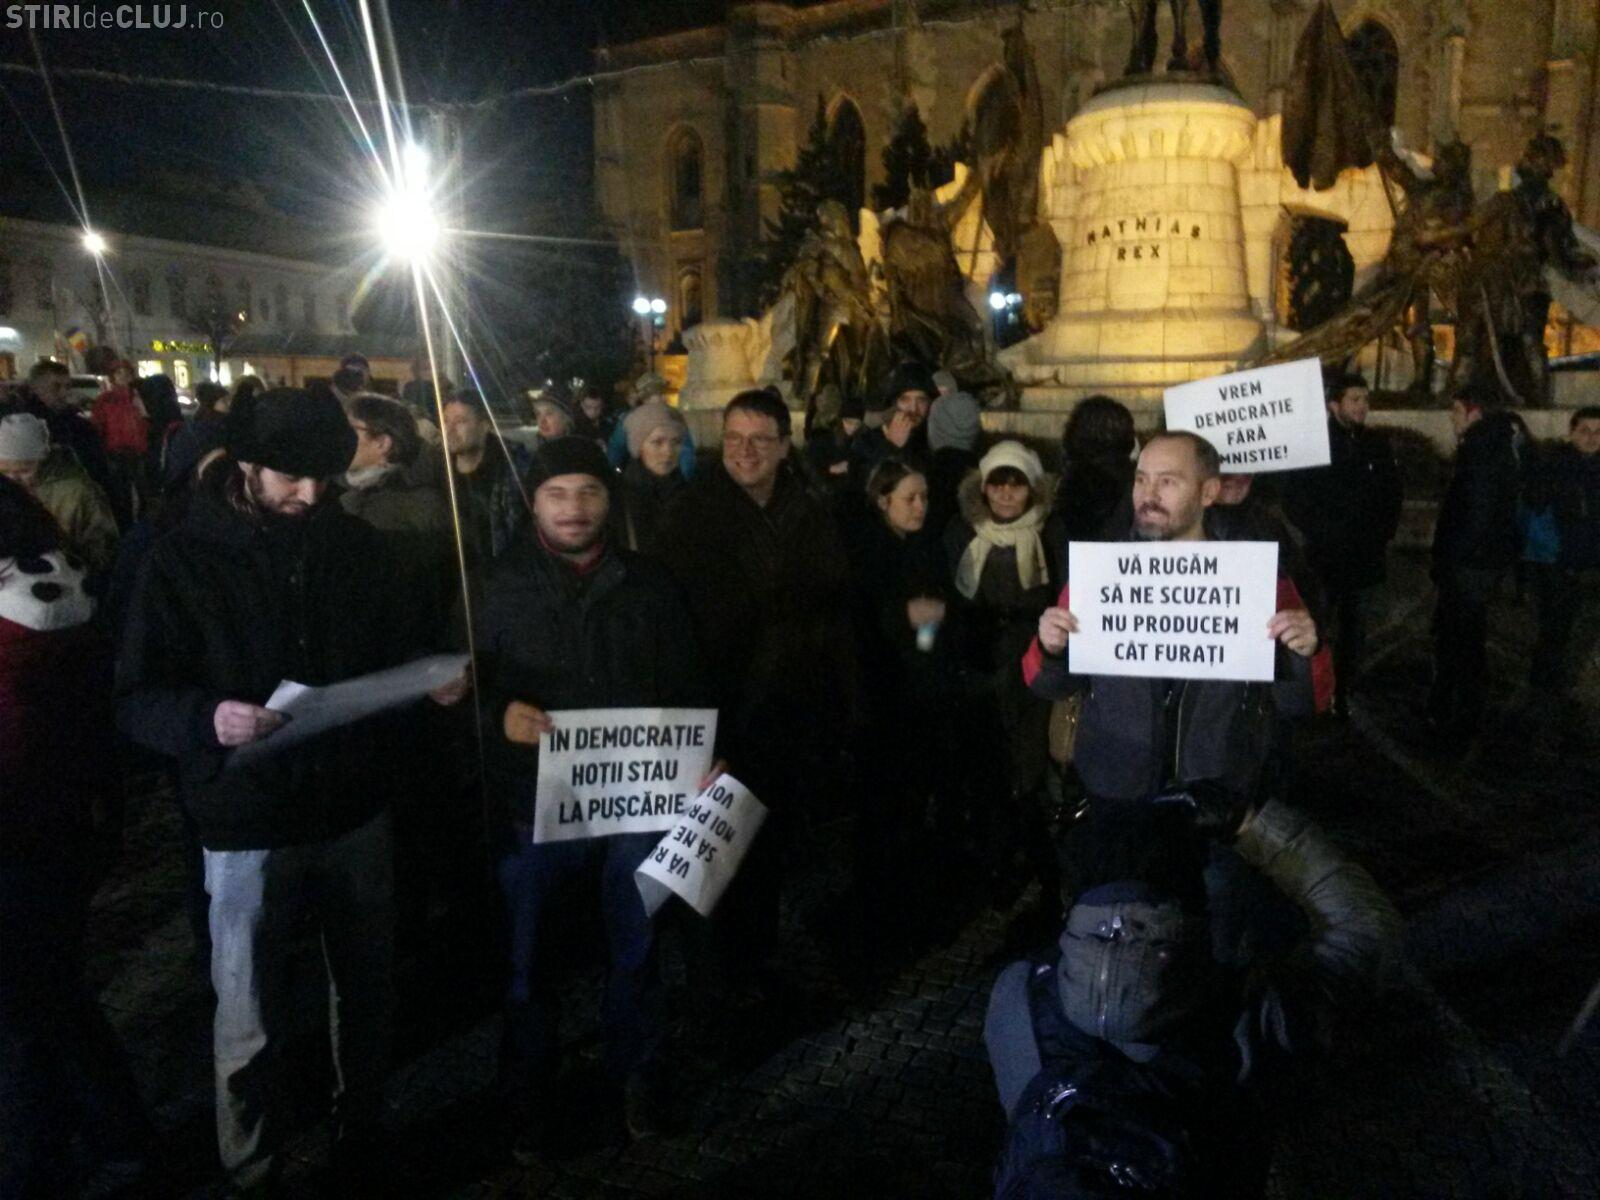 Un clujean s-a certat cu protestatarii din Piața Unirii: Grațierea e bună! Sunt nevinovați în pușcării VIDEO